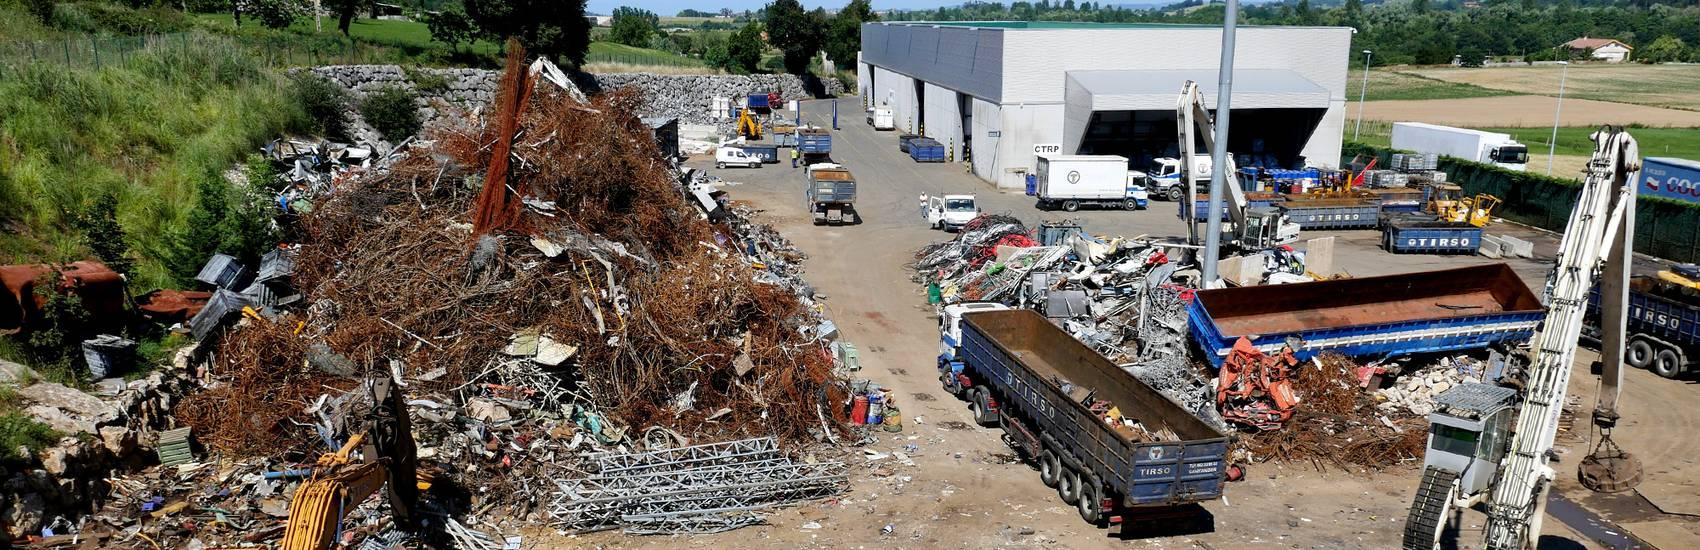 Tirso, empresa especializada en la recuperación y el reciclaje en Cantabria, Demoliciones y desguaces, compra y venta de metales y chatarra, retirada de amianto y fibrocemento en Cantabria